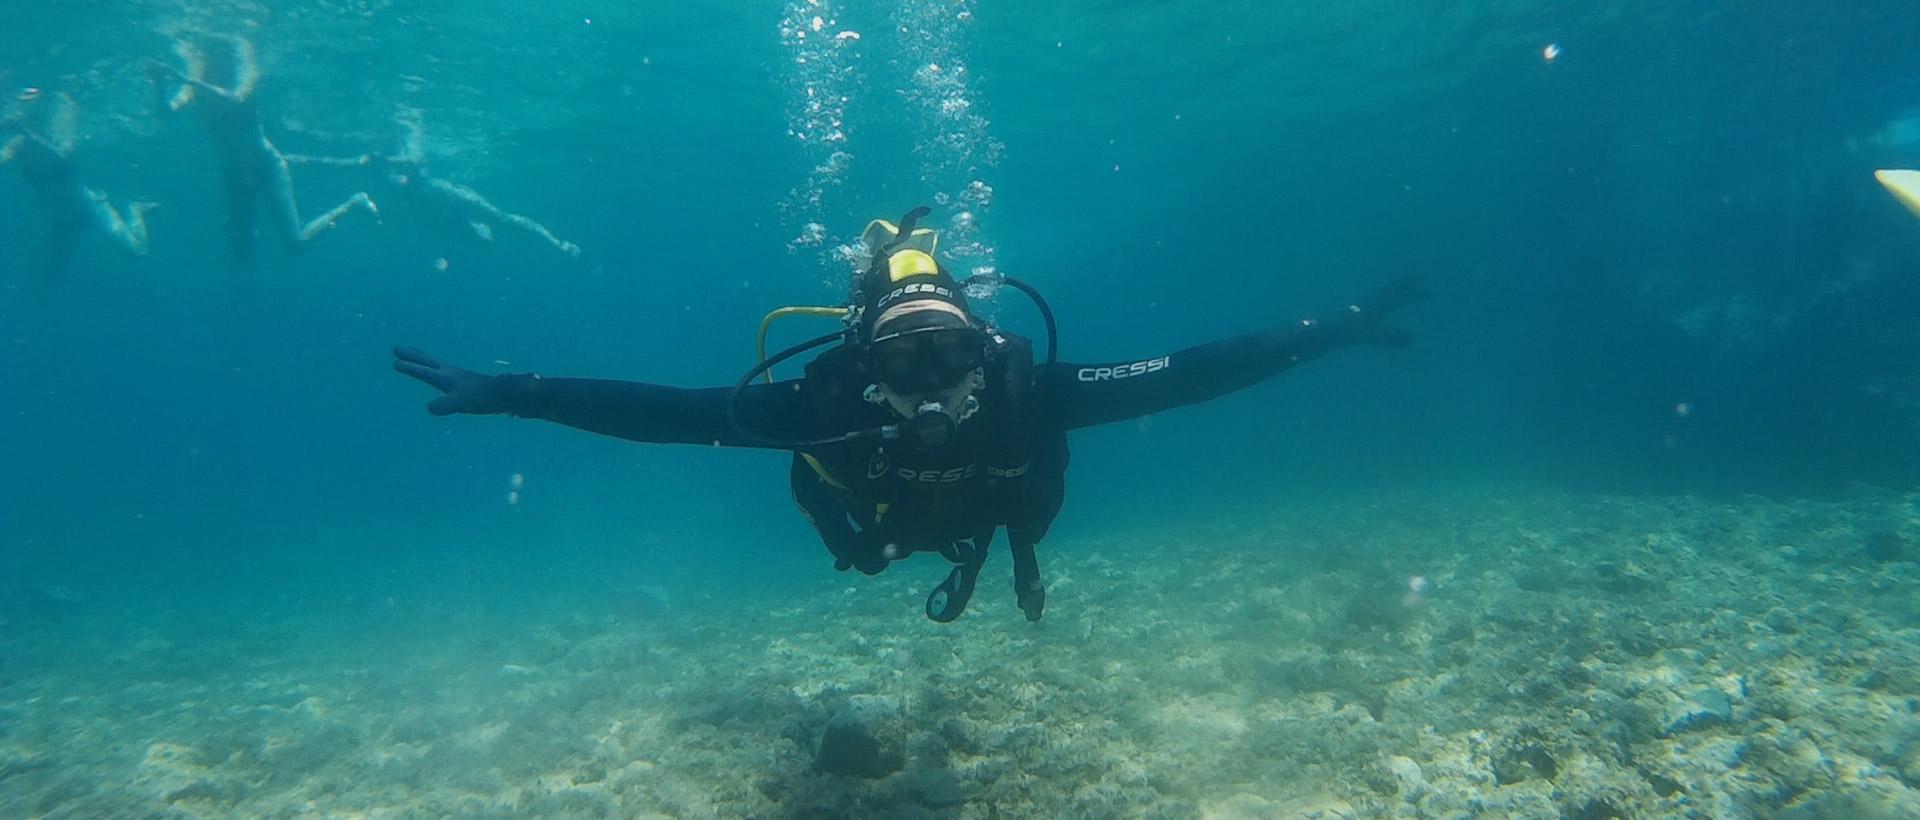 welcometozante immersioni in grecia